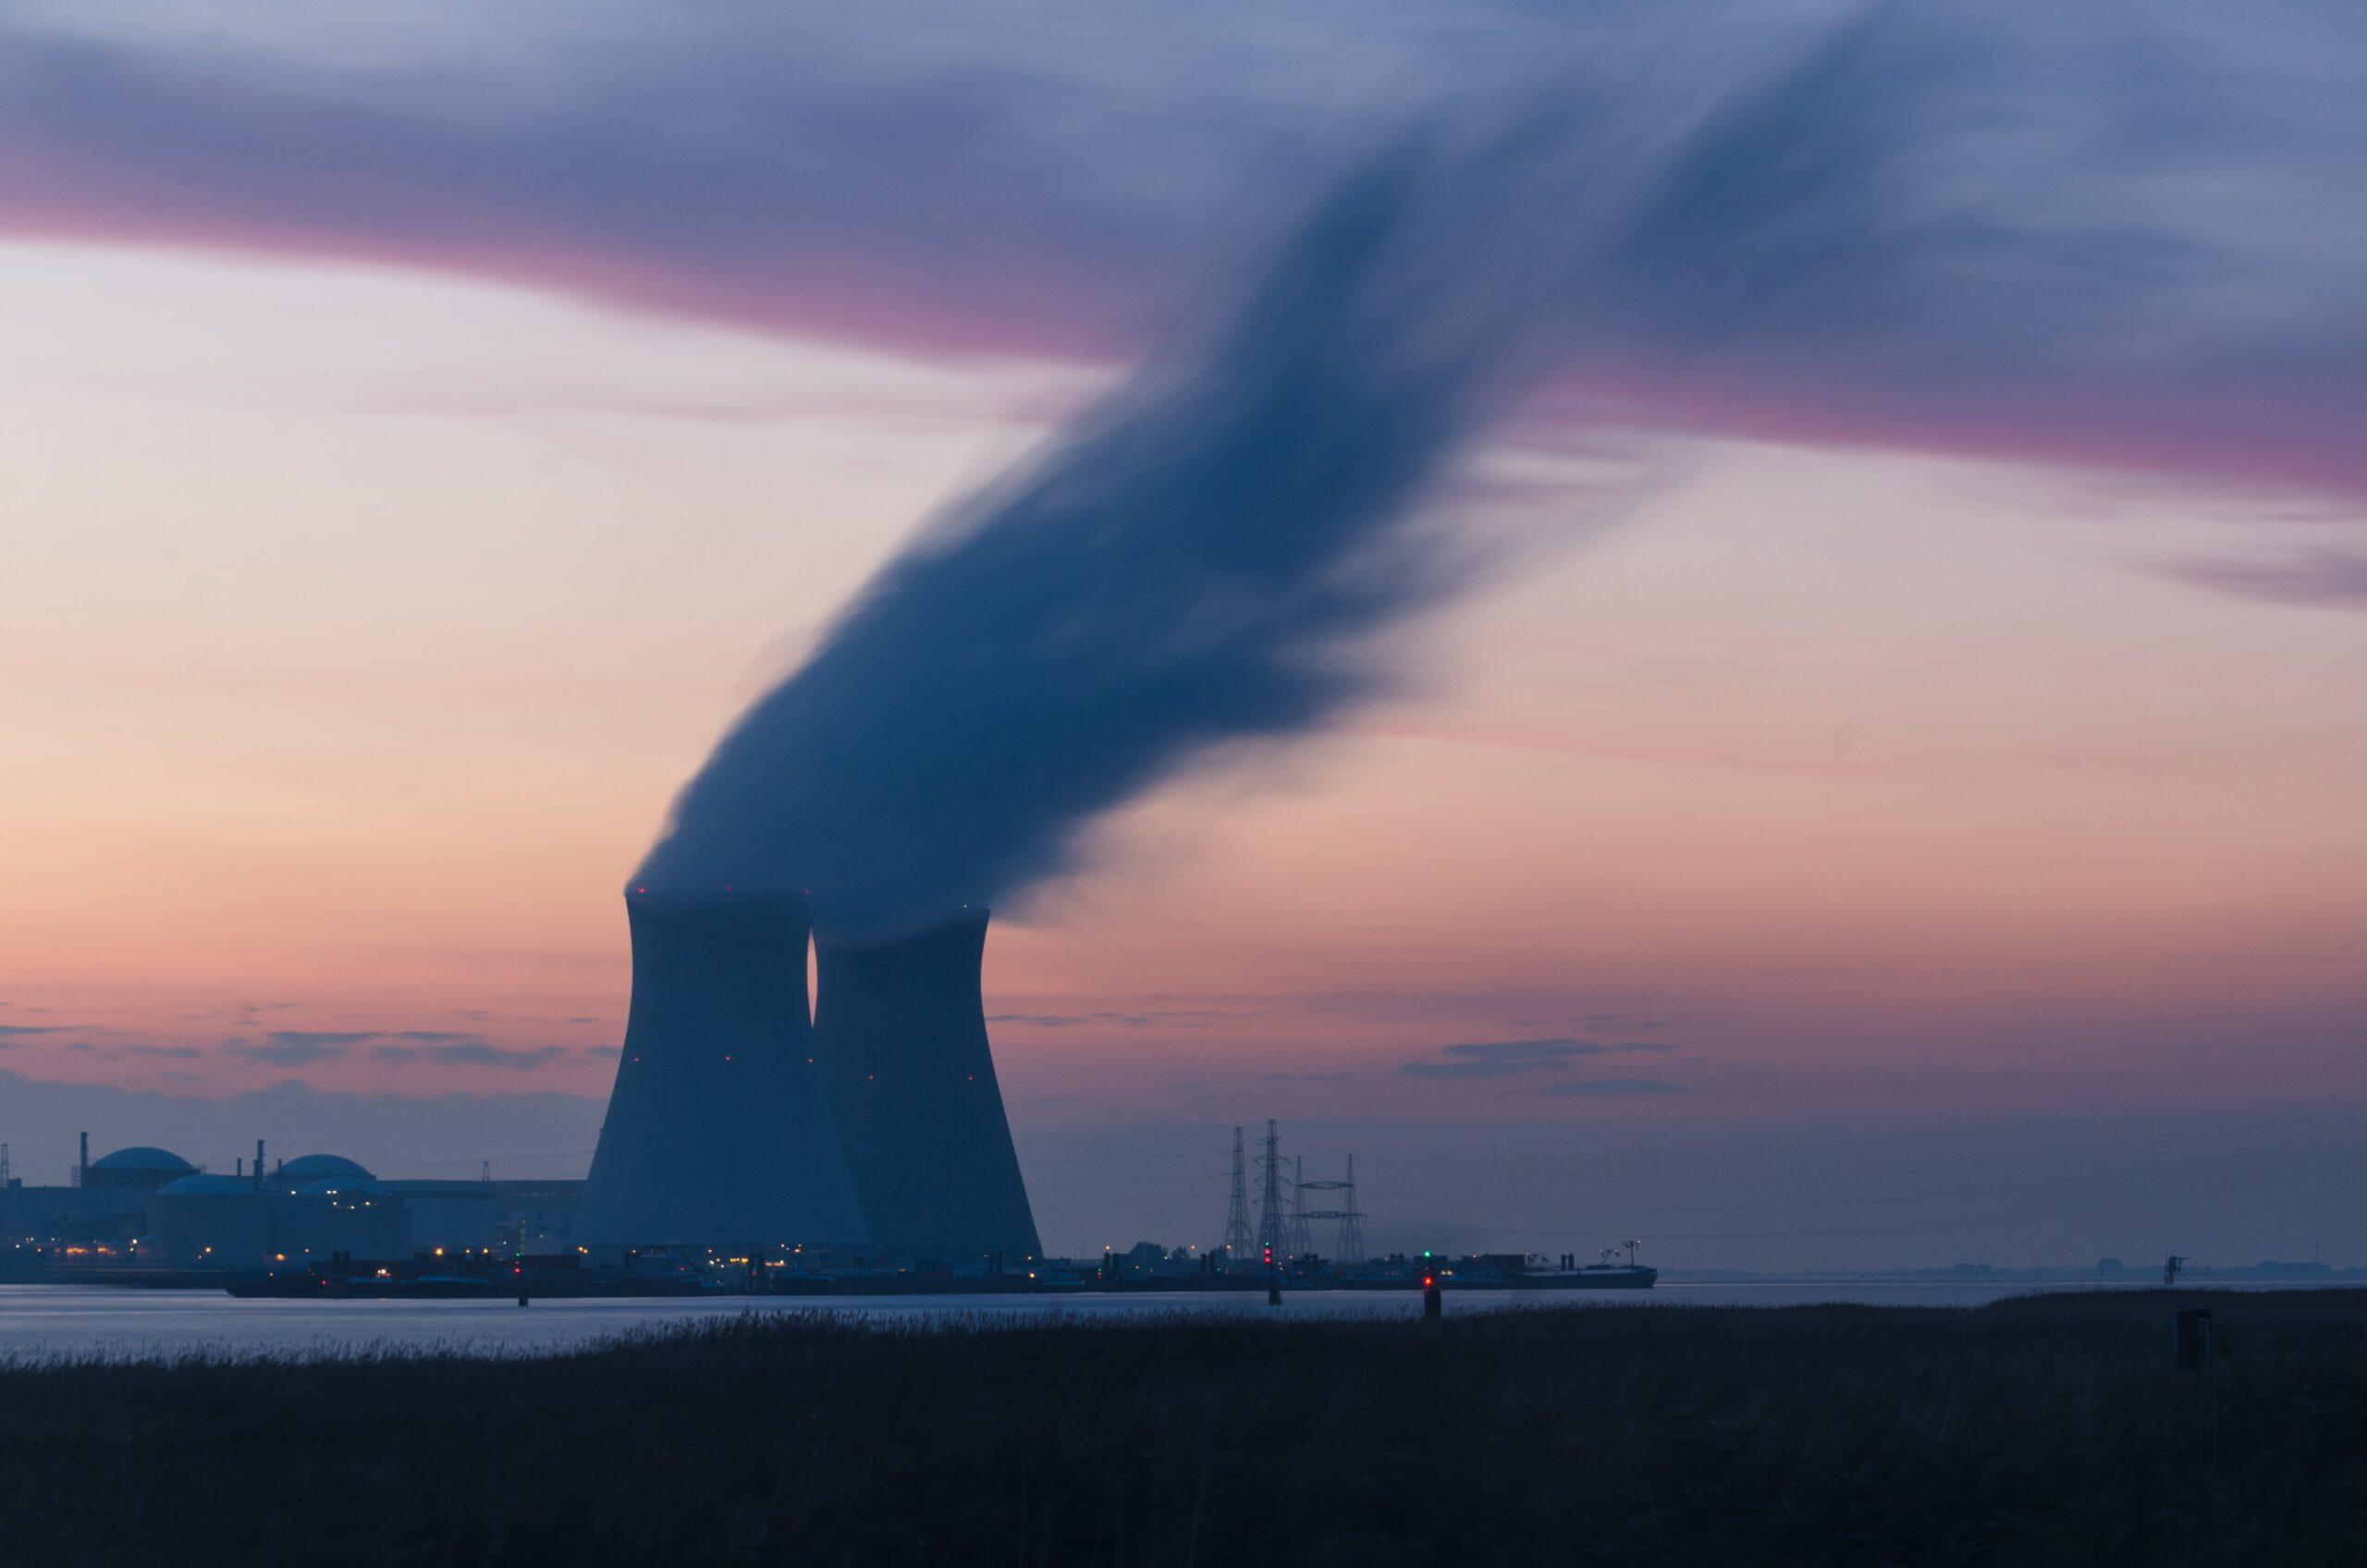 Nuove tecnologie   Il futuro dell'energia nucleare